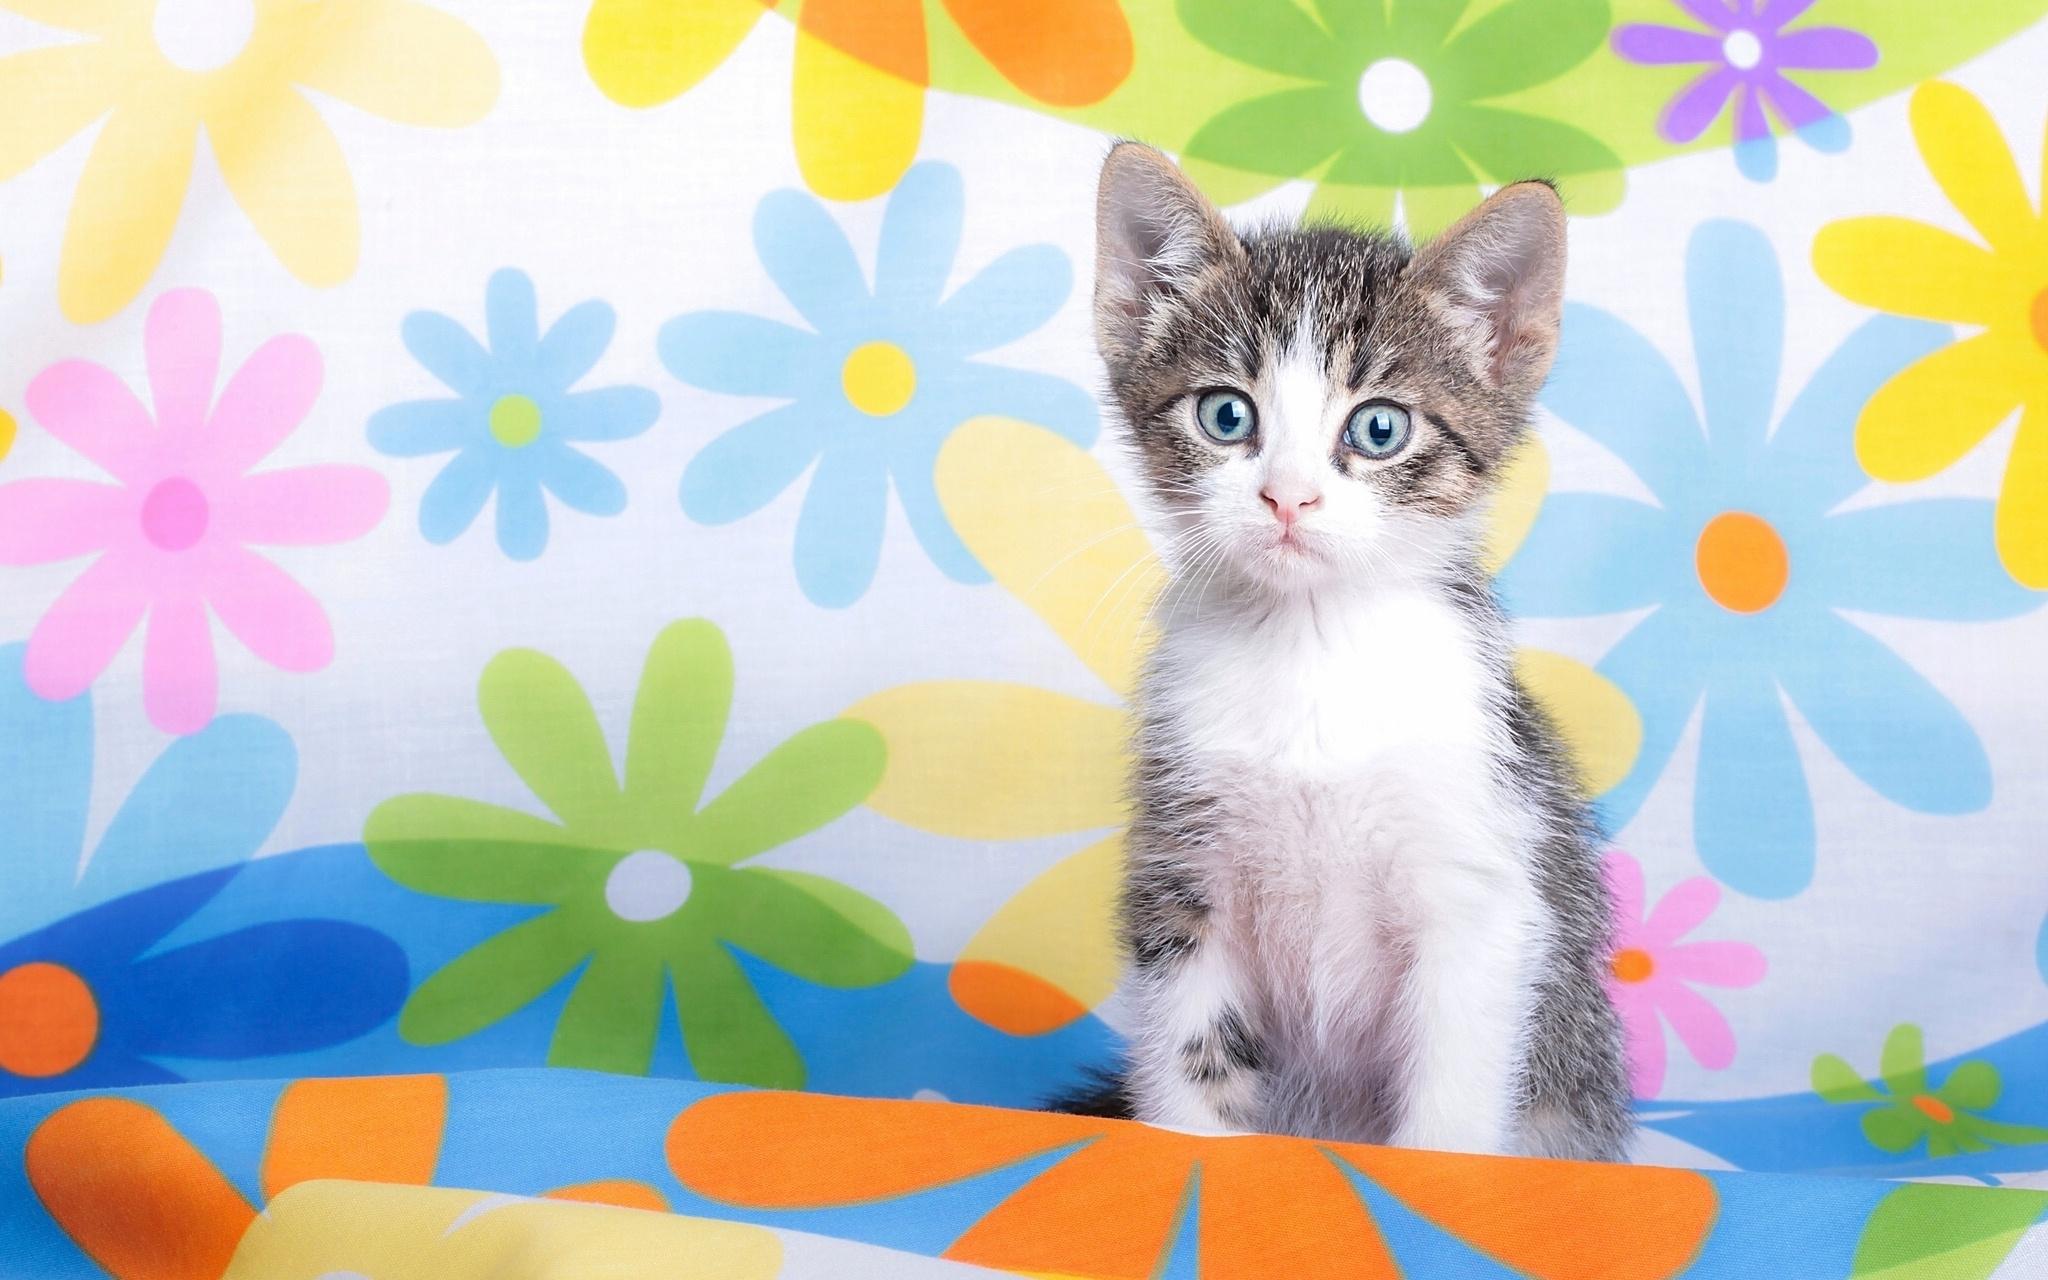 Kitty - Cats Wallpaper (35832043) - Fanpop